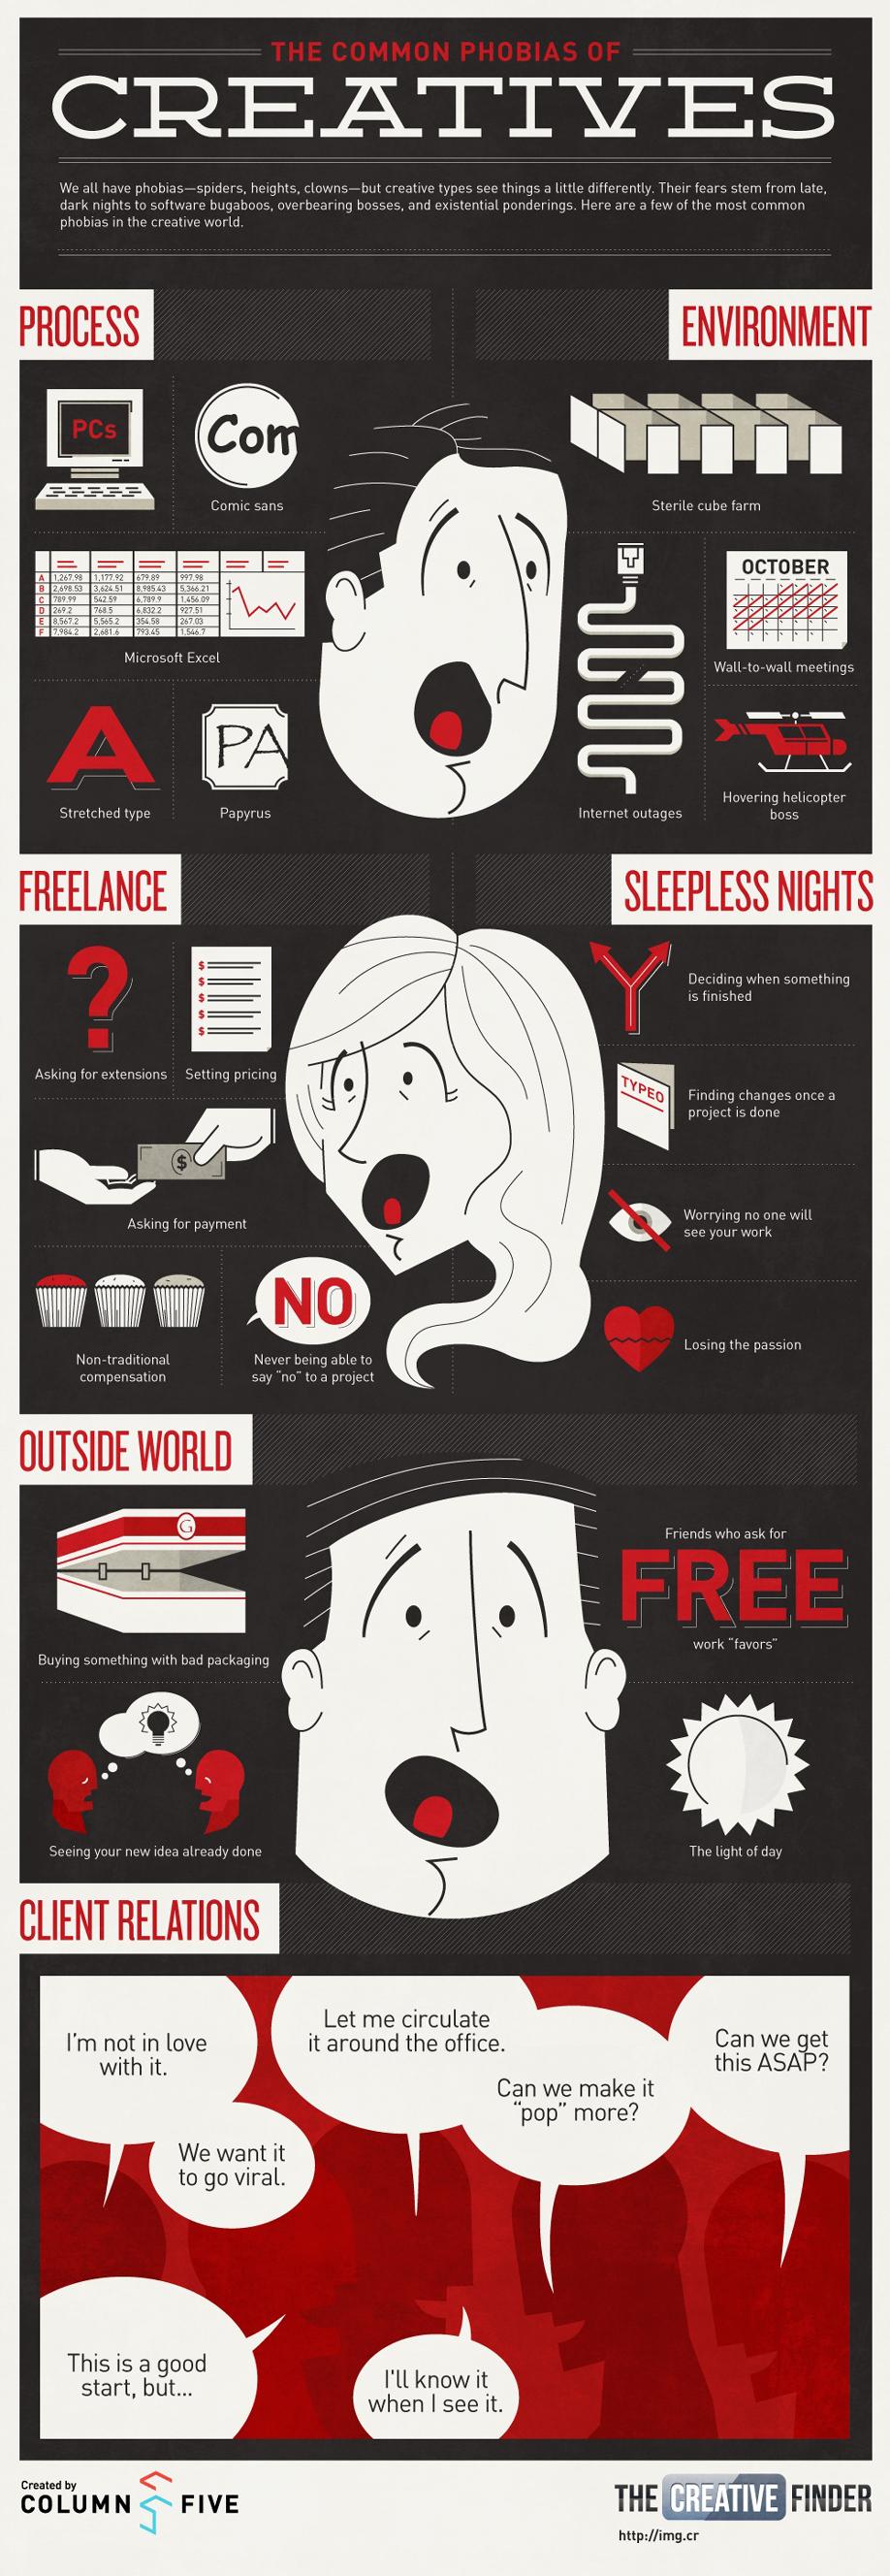 Las fobias más comunes de los creativos